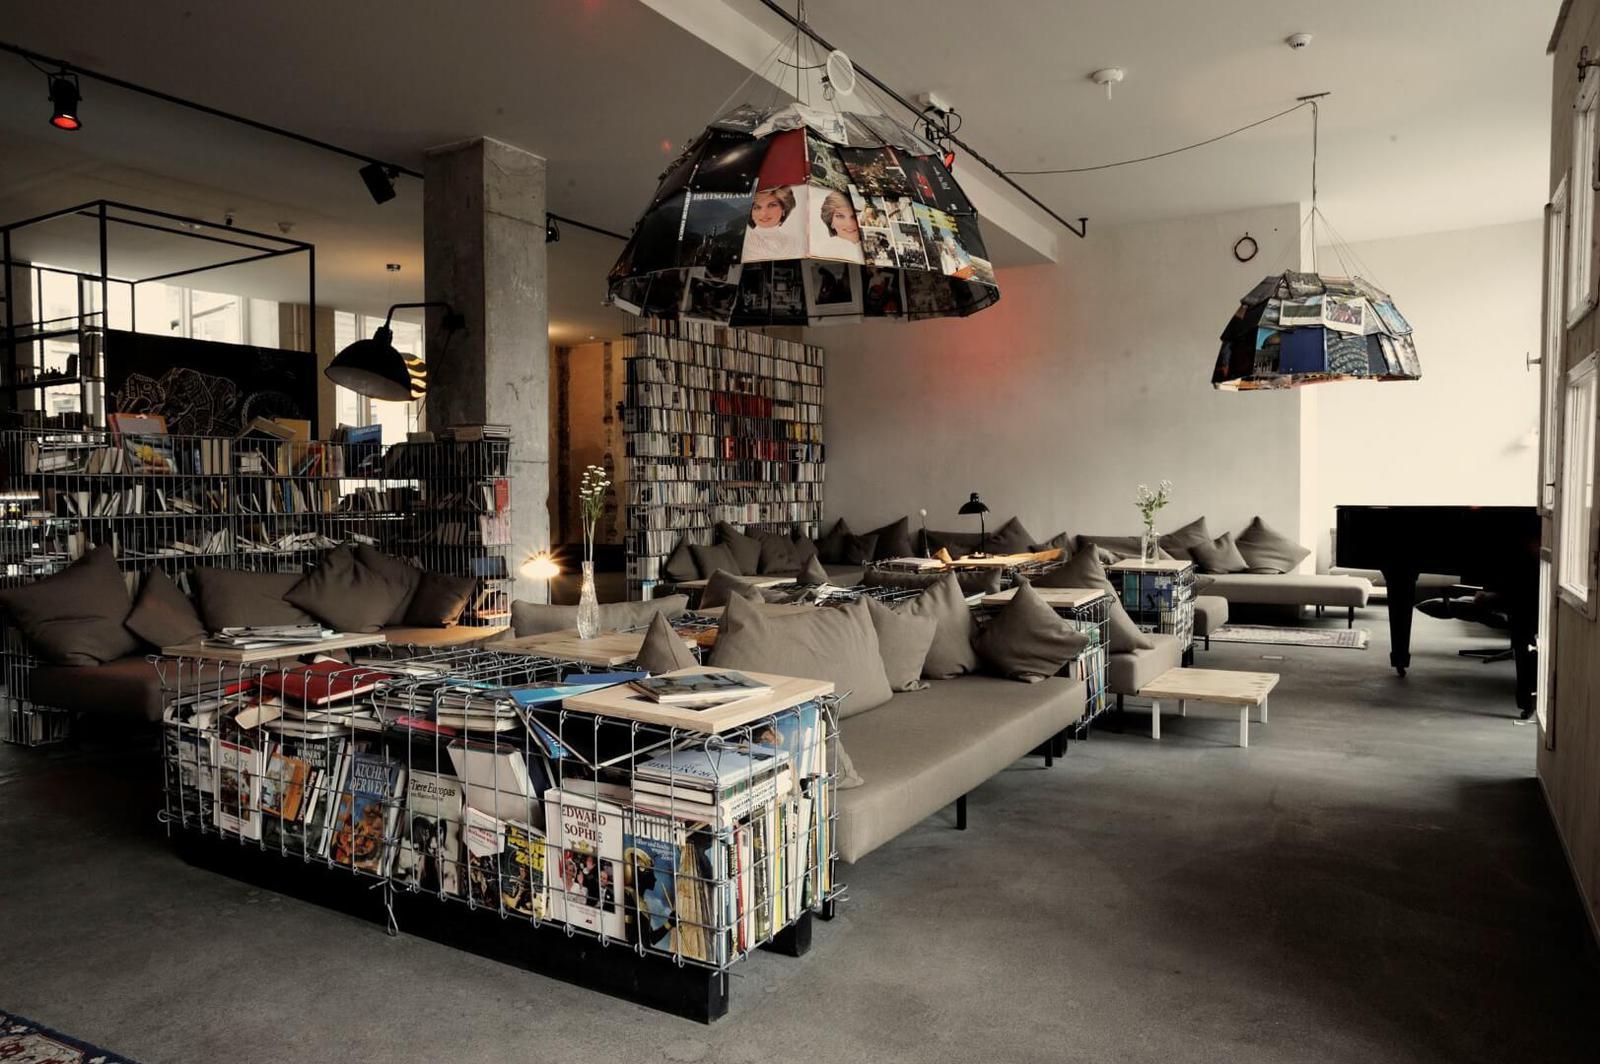 mejores hoteles con biblioteca Michelberger